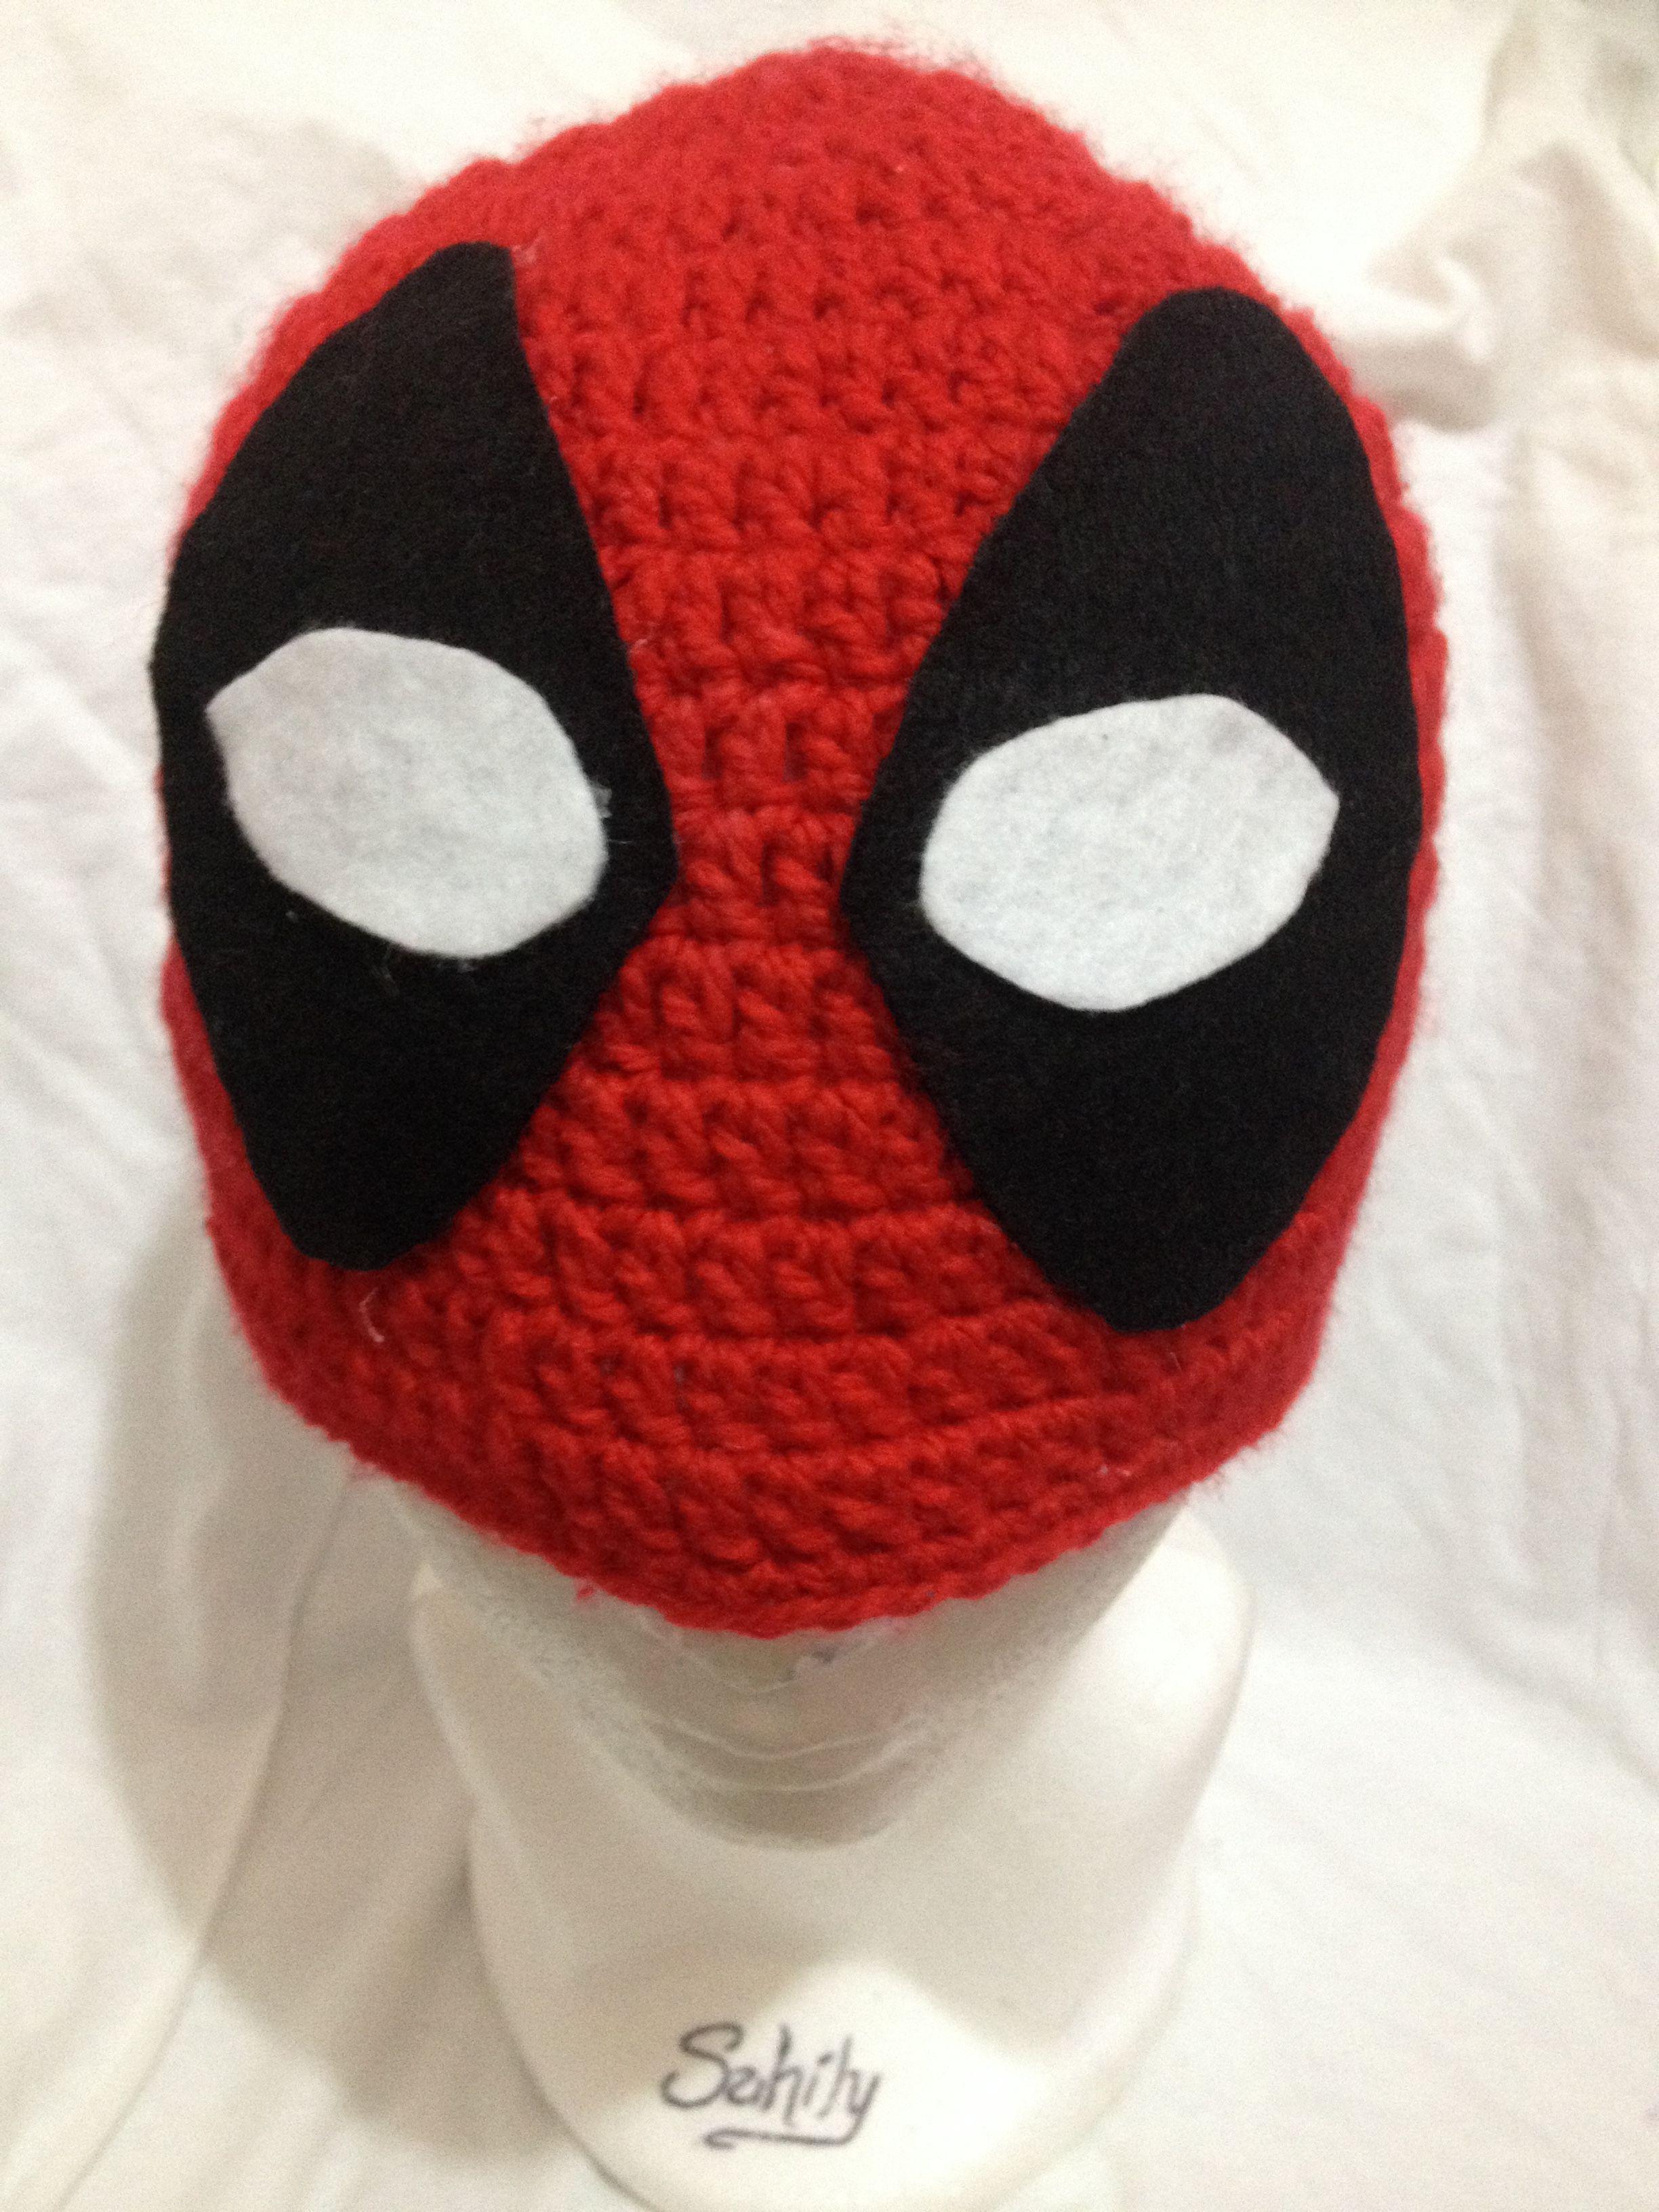 Gorro tejido Deadpool by Sahily Crochet  250  562d4134cff